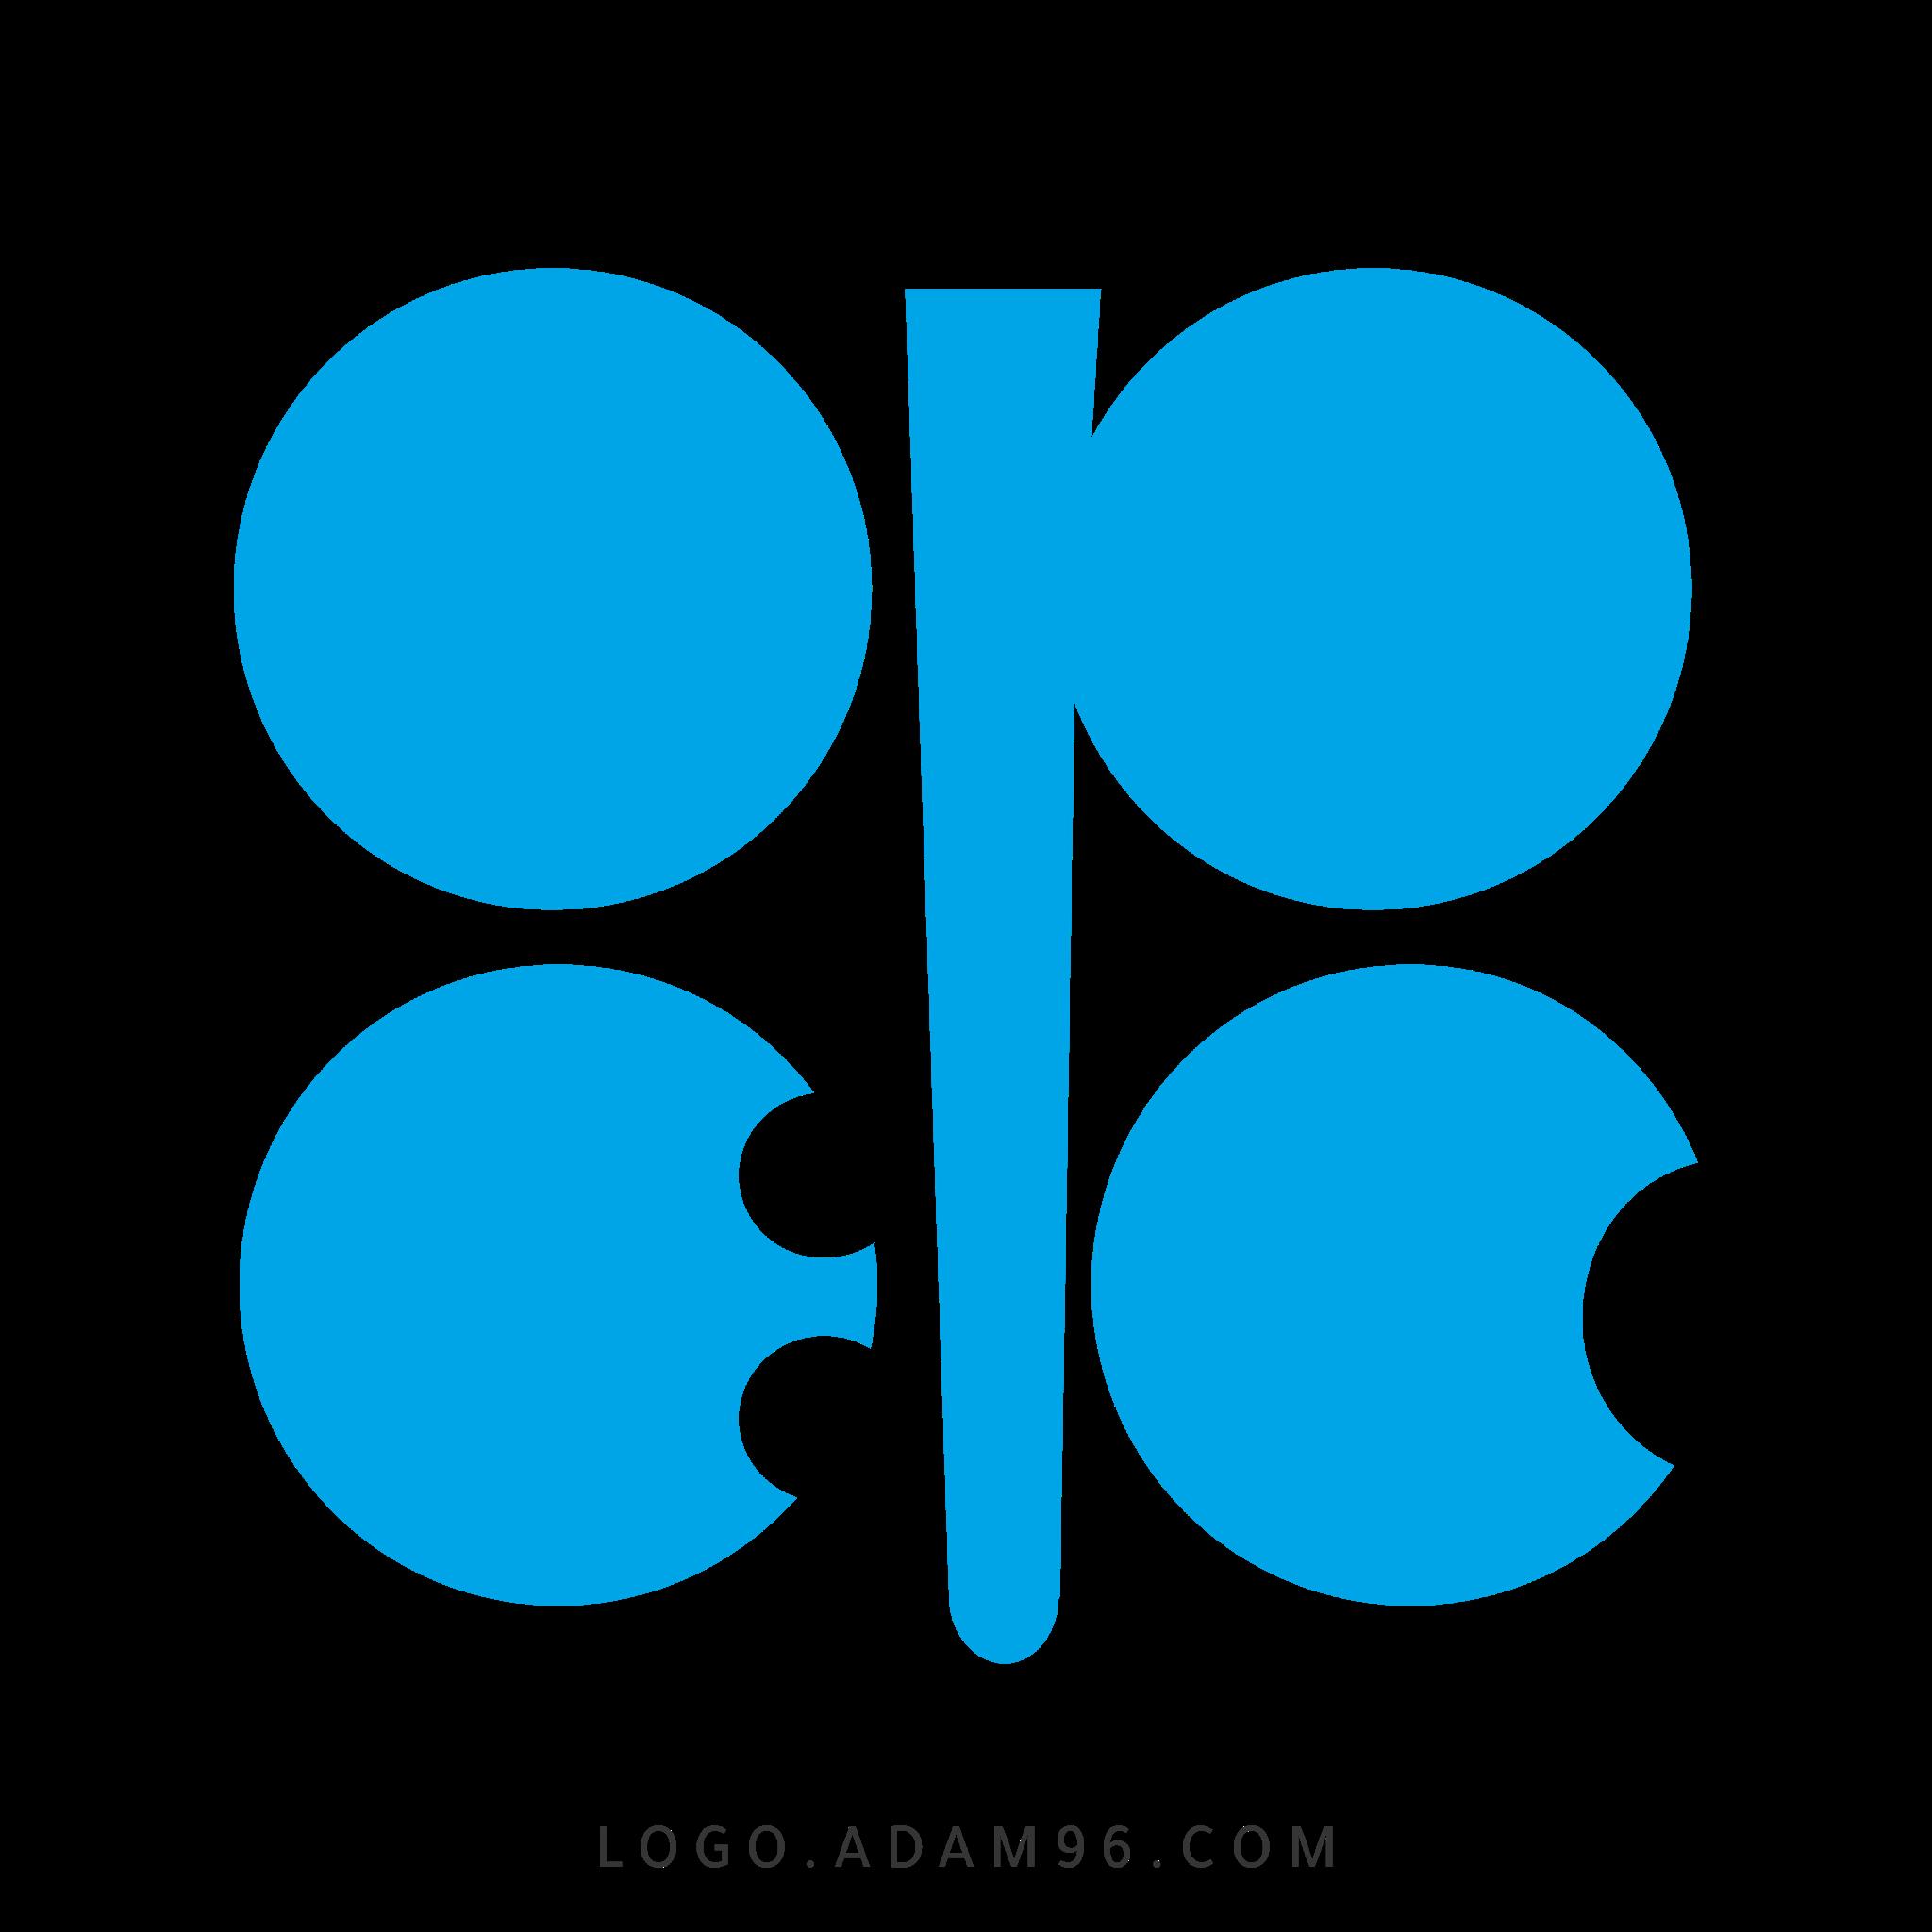 تحميل شعار منظمة اوبك العالمية لوجو رسمي عالي الجودة PNG